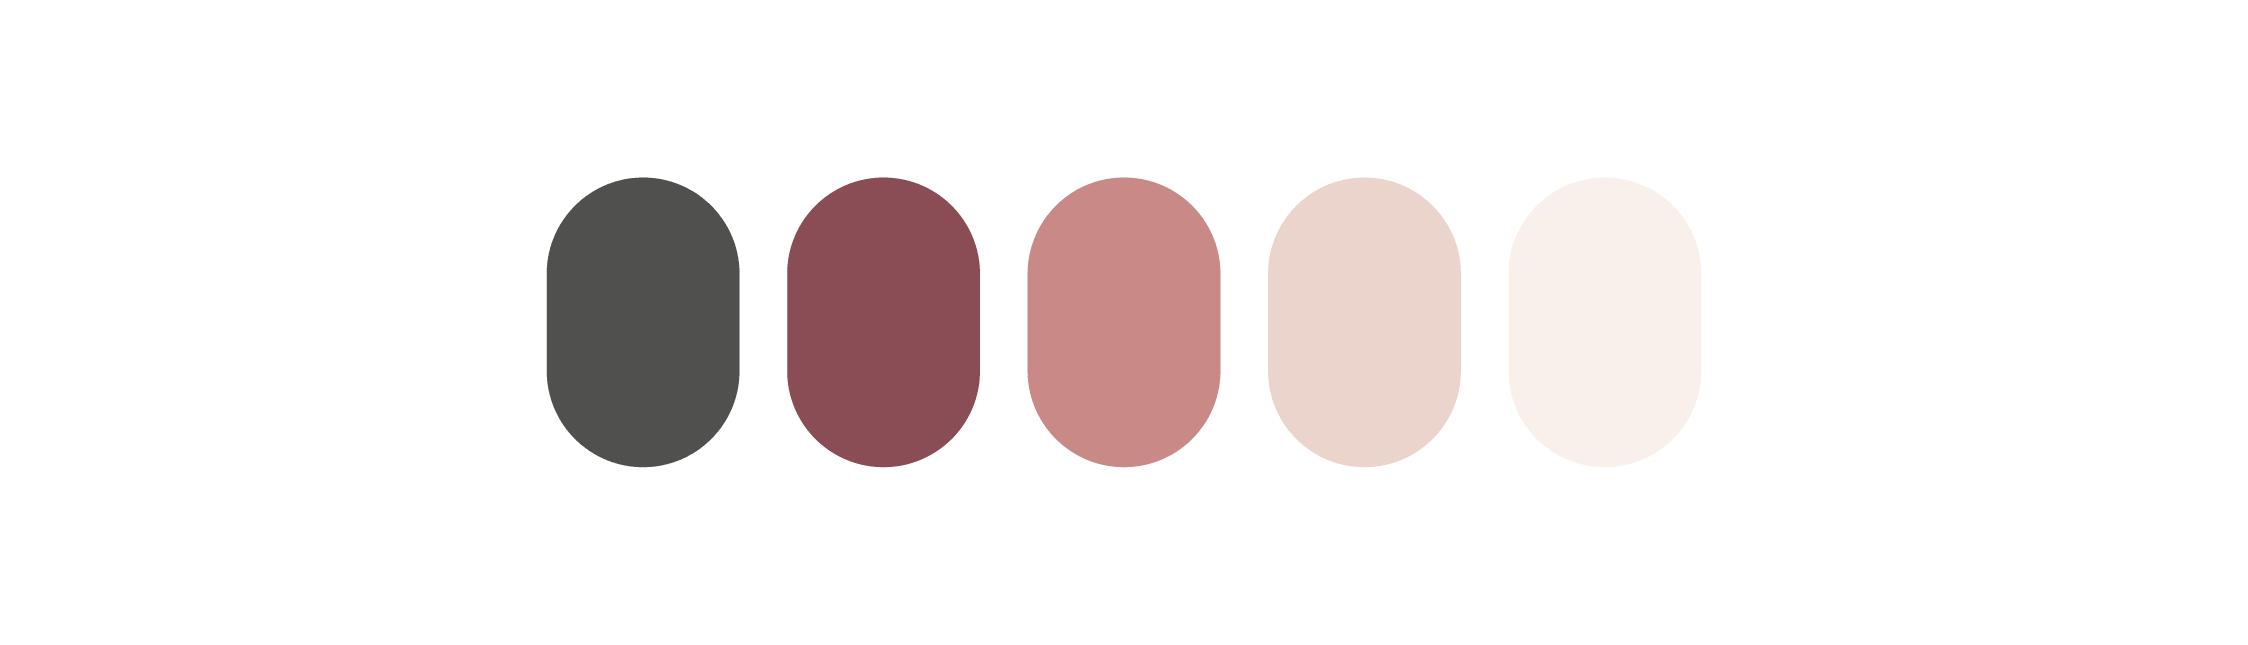 Jessie palette de couleurs